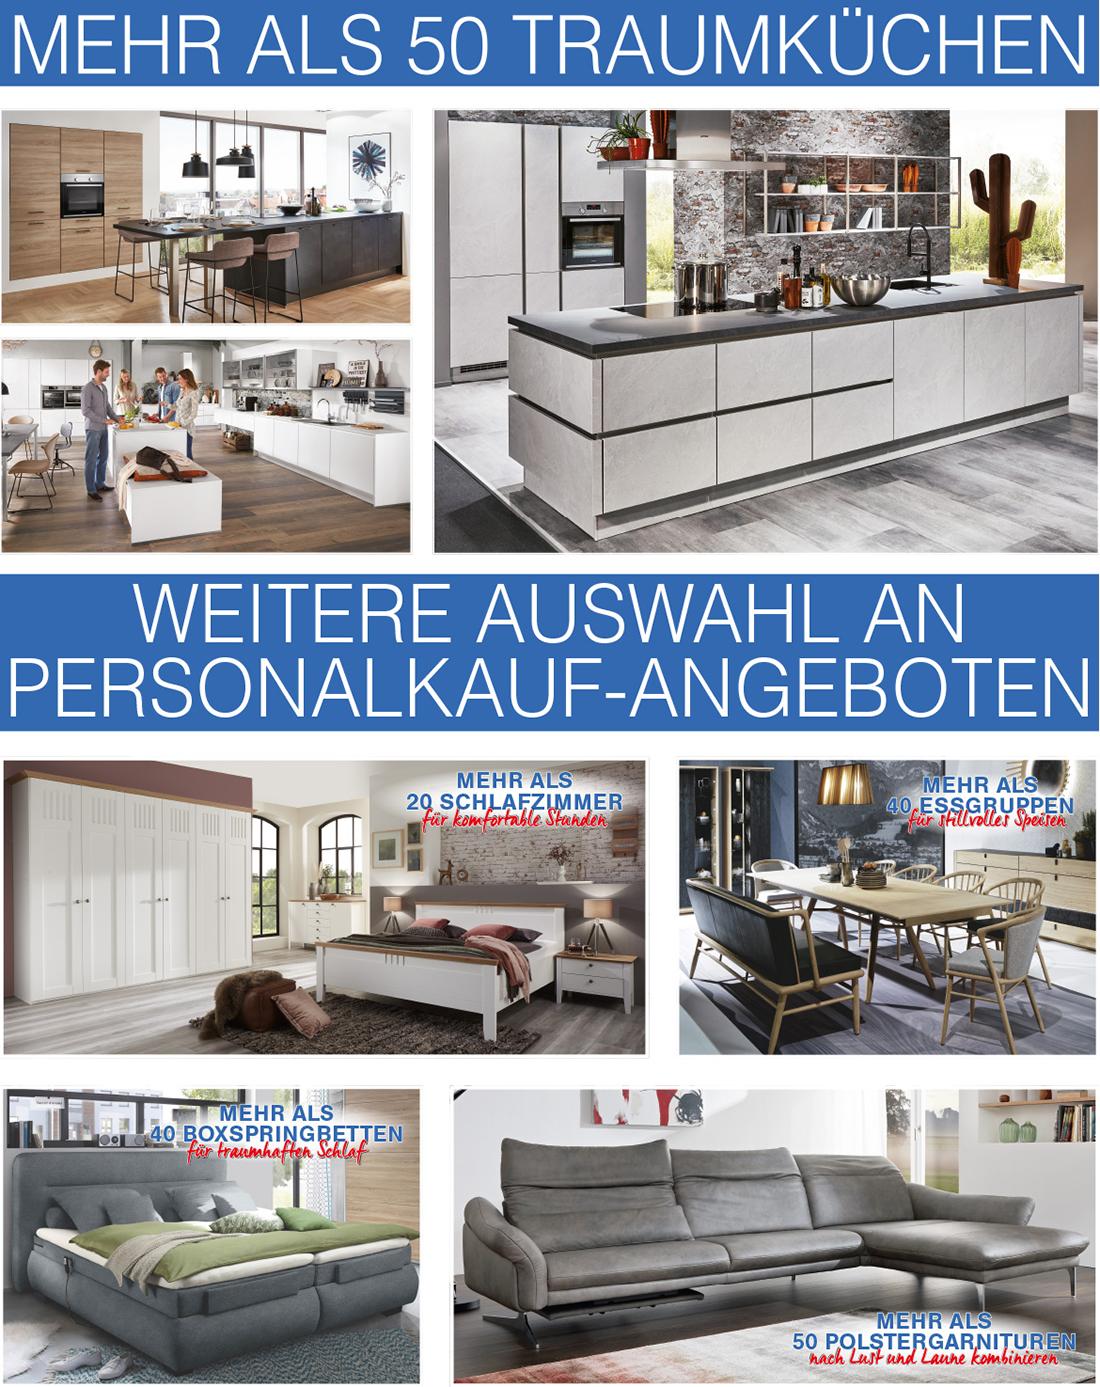 Tolle Personalkauf-Angebote bei Möbel Hartwig